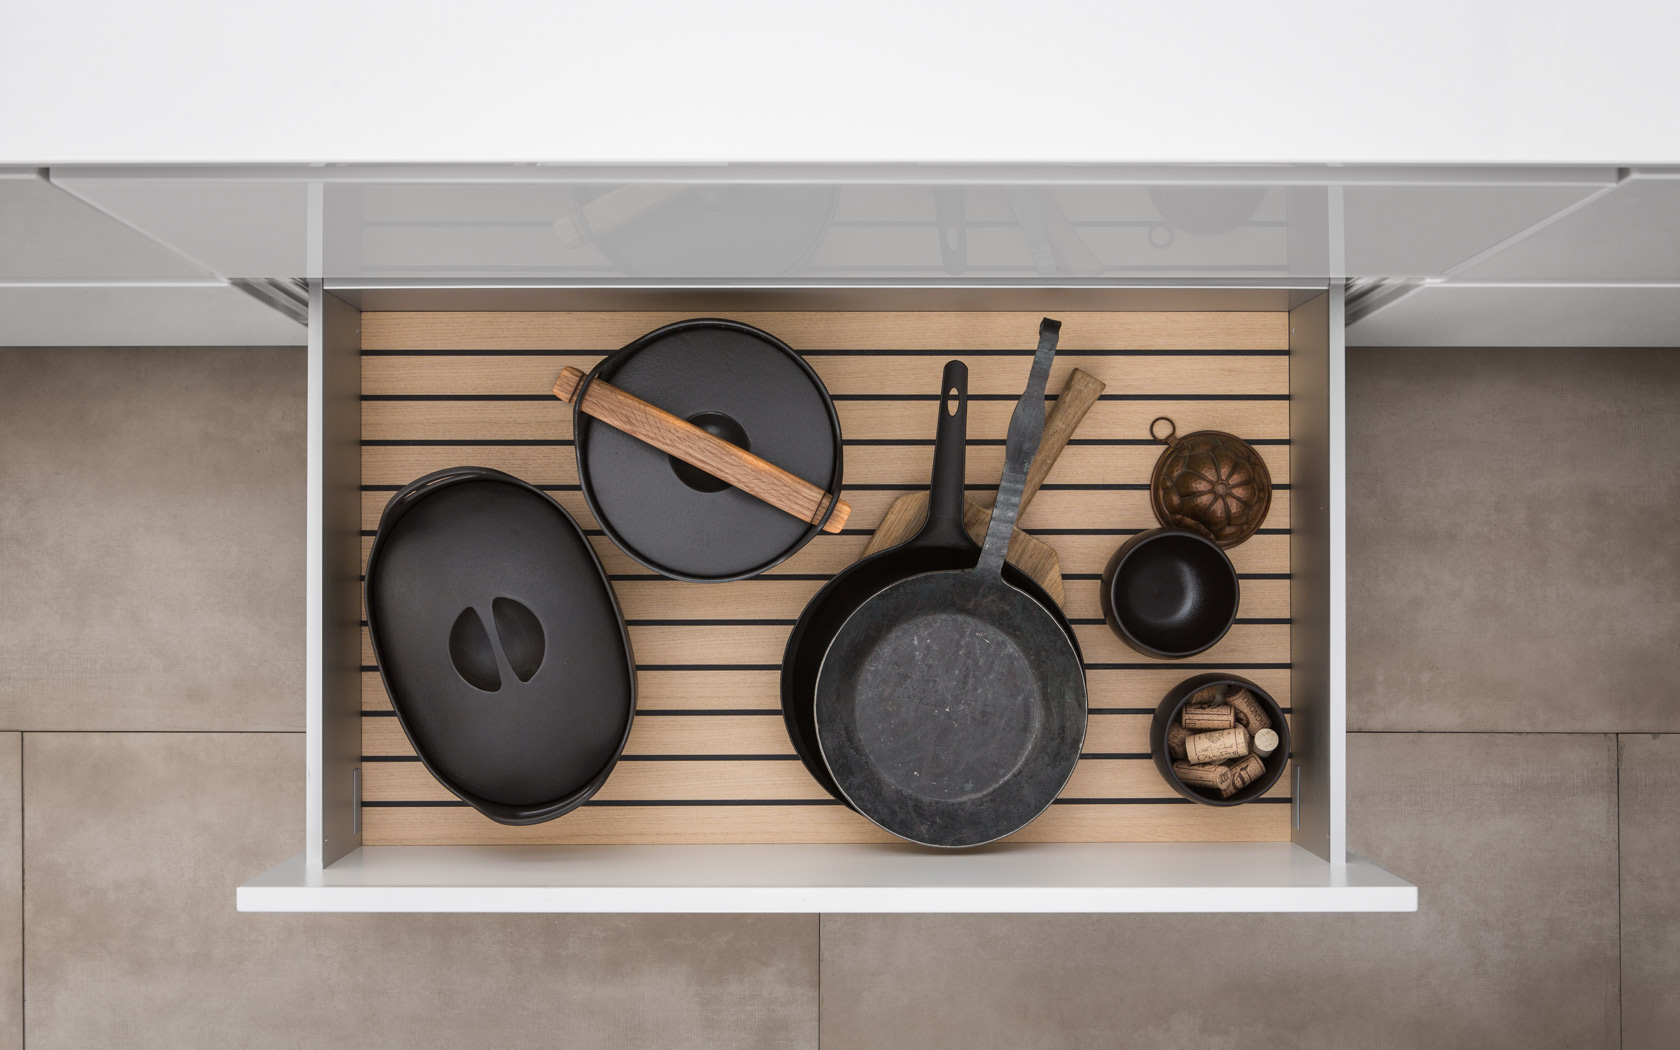 Keuken Indeling Lades : keukens – Nieuws Startpagina voor keuken idee?n UW-keuken.nl